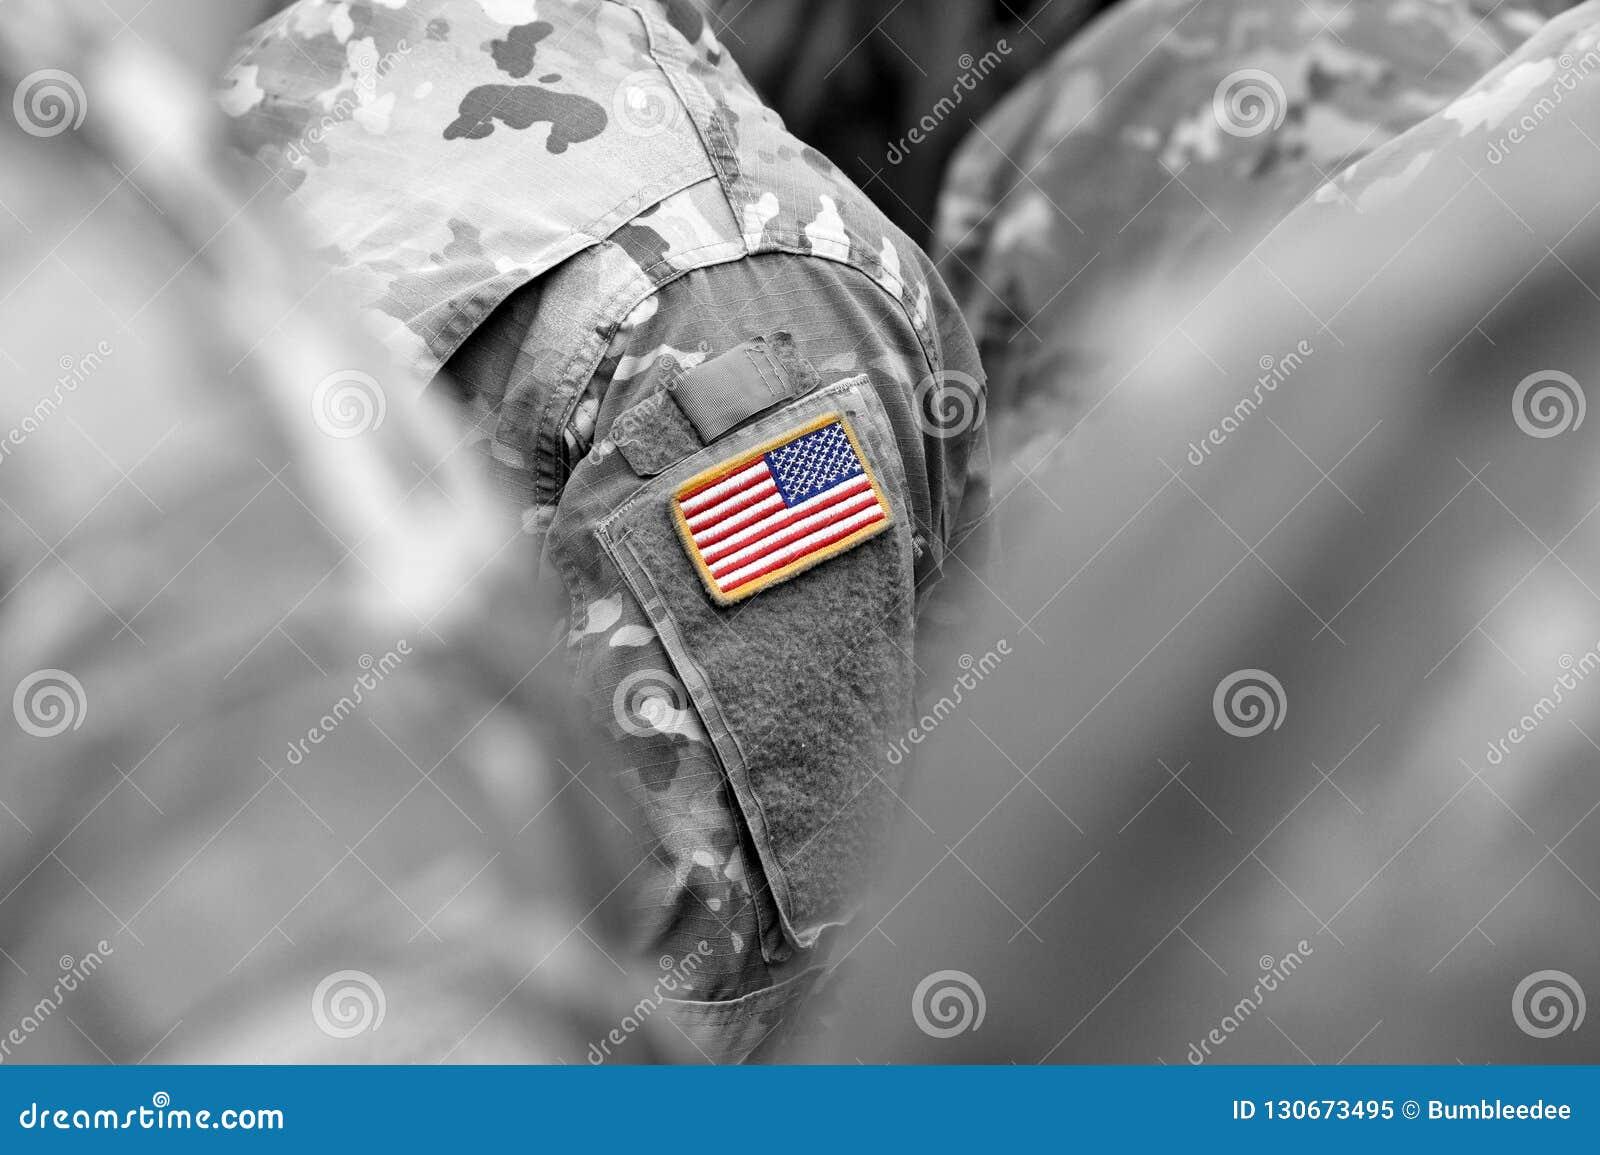 Tropas dos E.U. Soldados dos E.U. Exército dos EUA